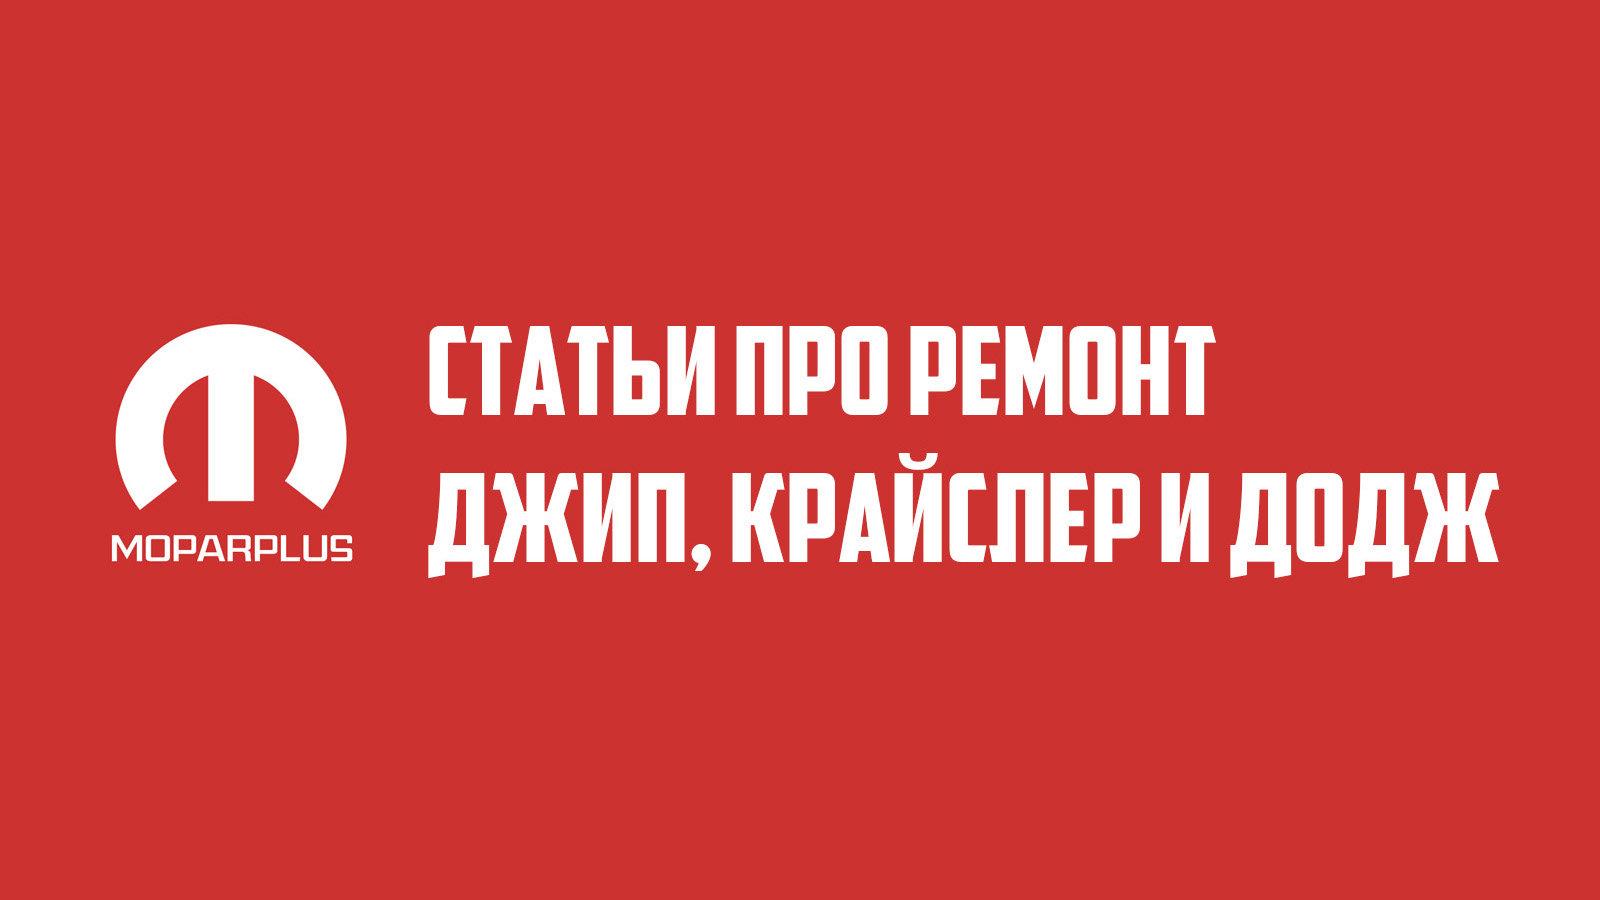 Статьи про ремонт. Выпуск №44.